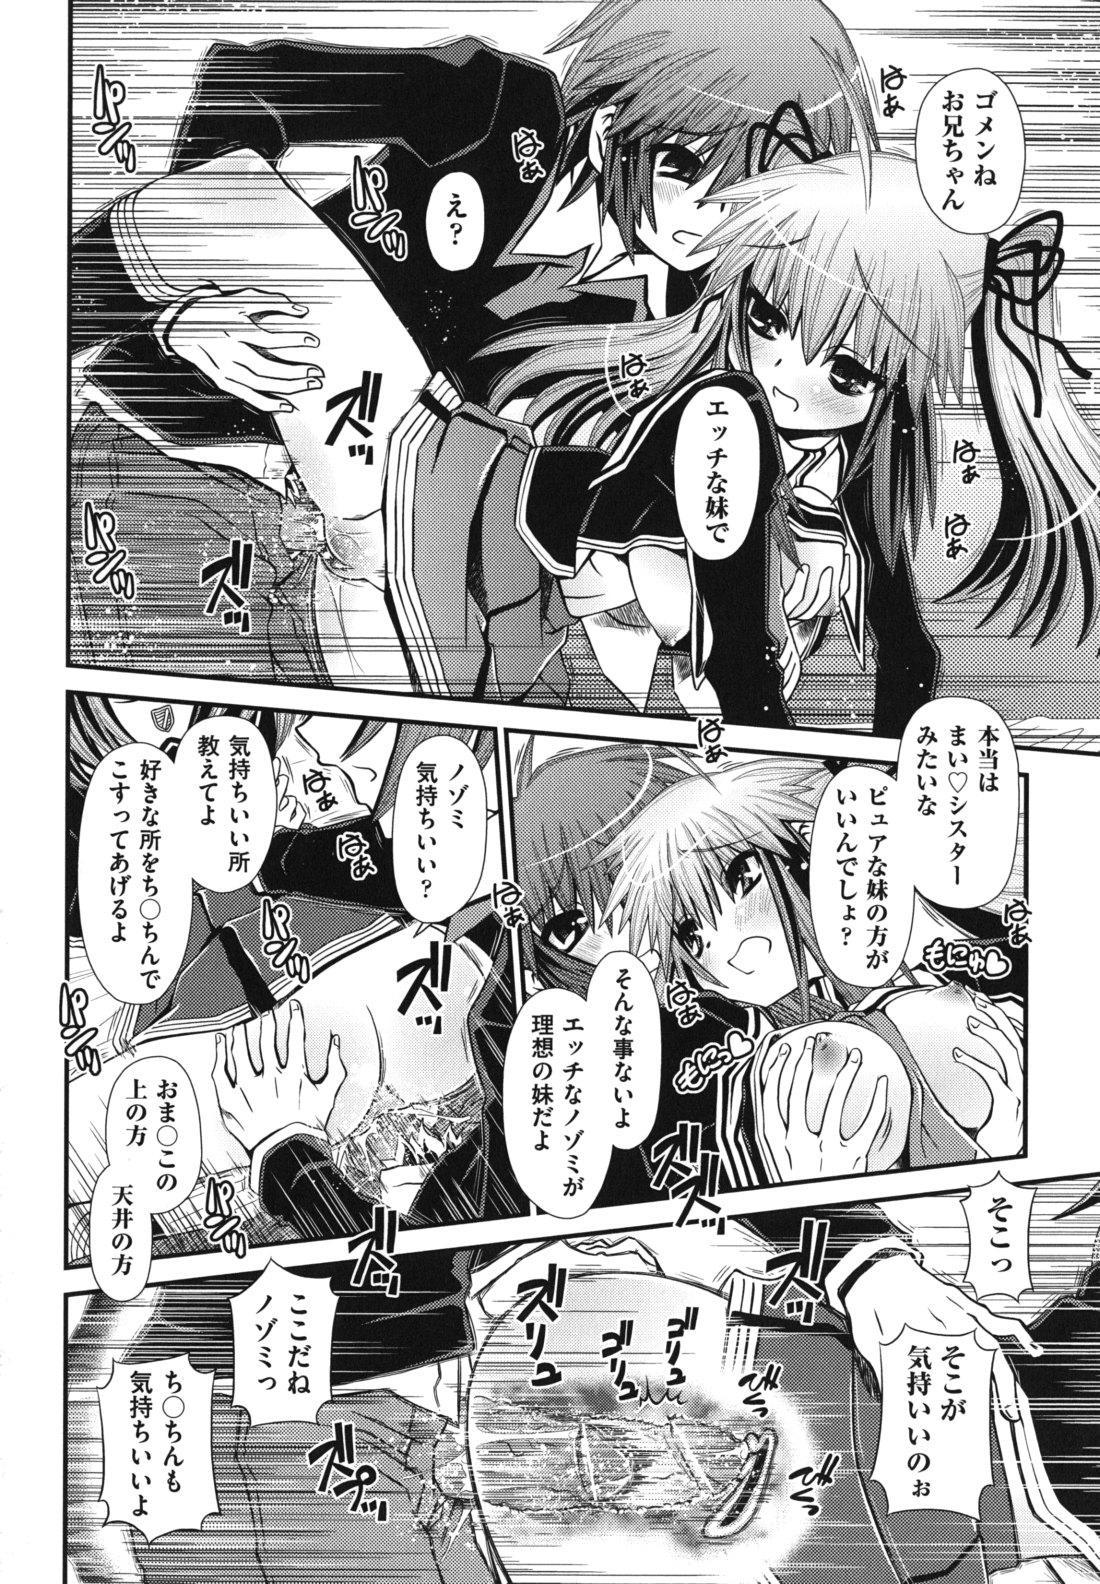 Twintail de Kneesocks no Onnanoko tachi ga Kyakkya de Ufufu♥ 48